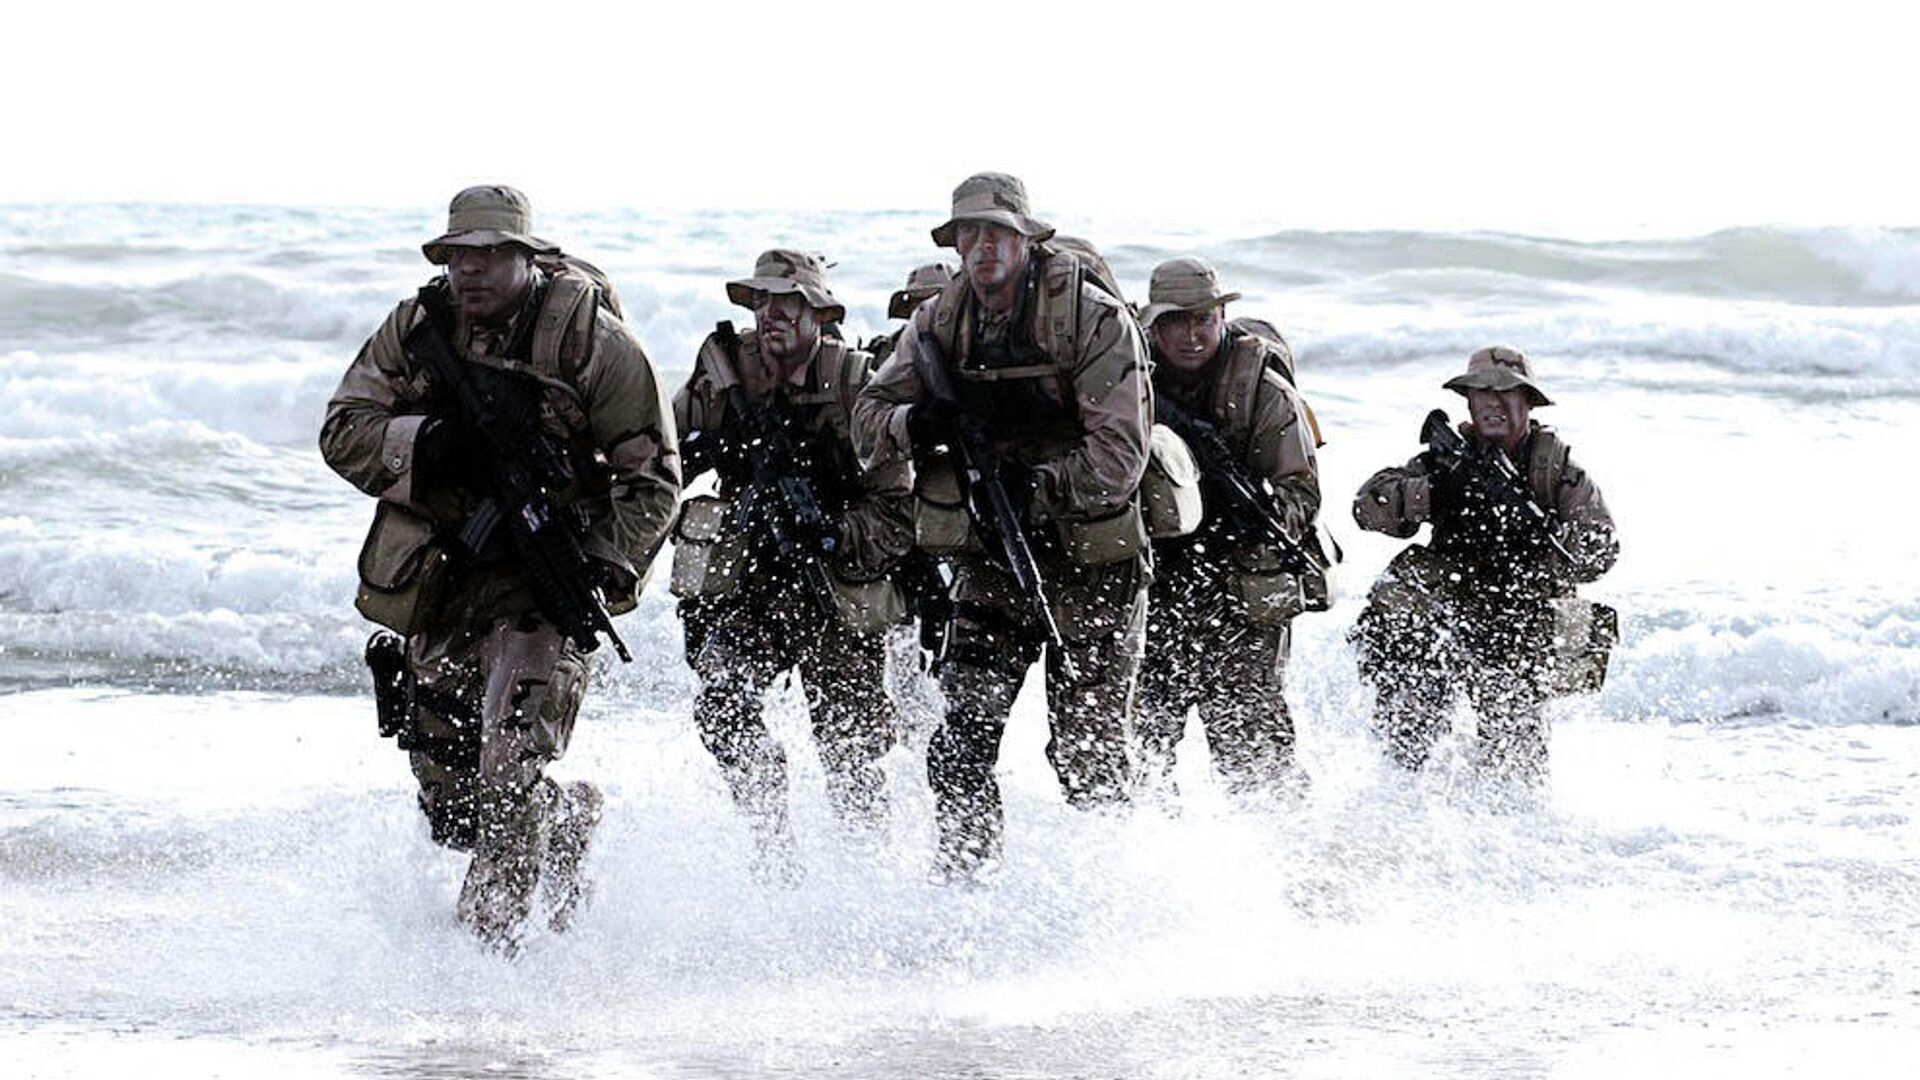 Бойцы спецназа Navy SEAL (США) - РИА Новости, 1920, 16.05.2021